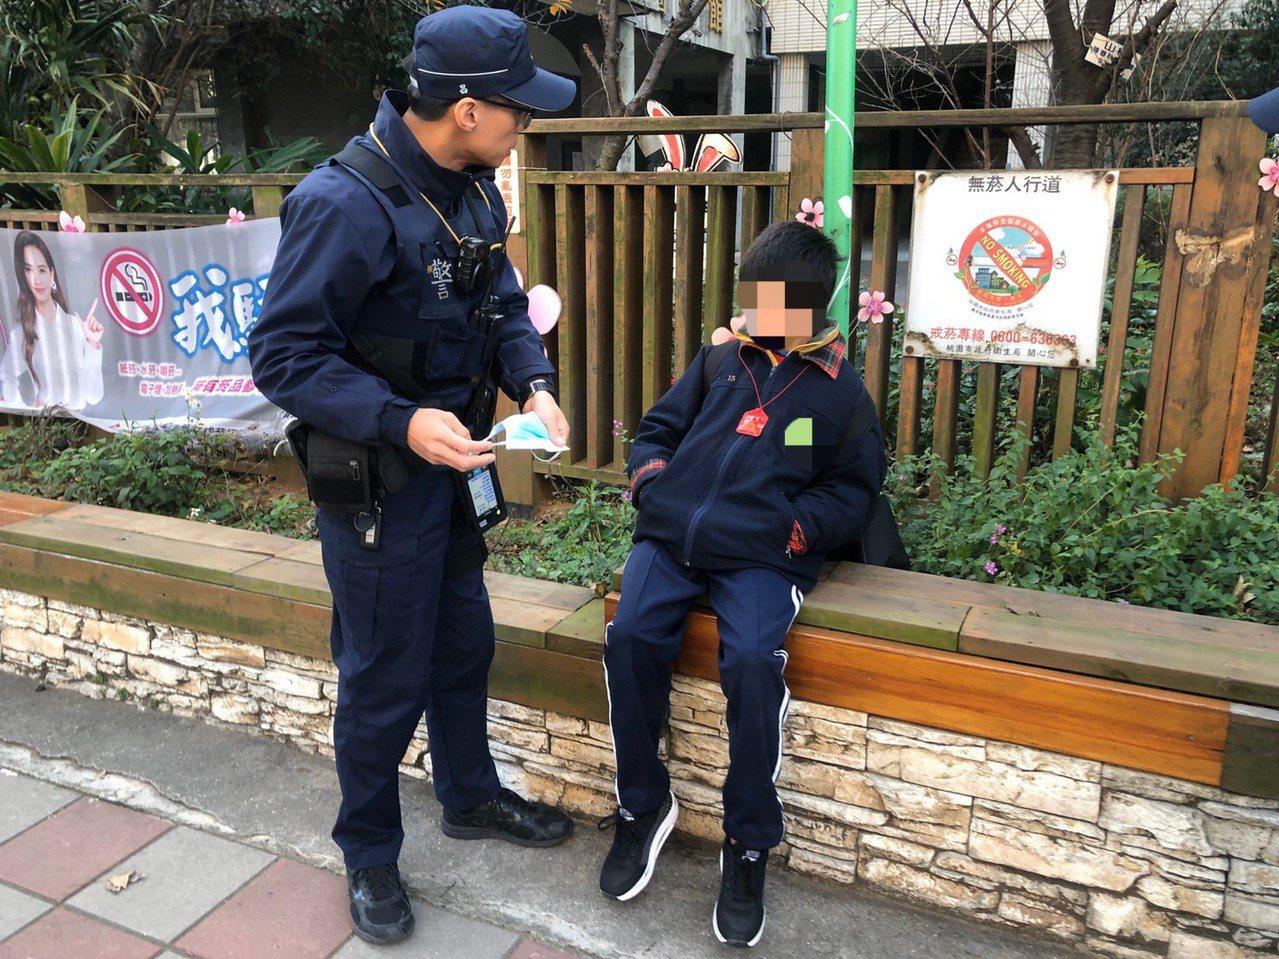 員警在清晨寒風中發現男童,並順利的聯繫上家屬,協助送其返家。圖/平鎮警分局提供